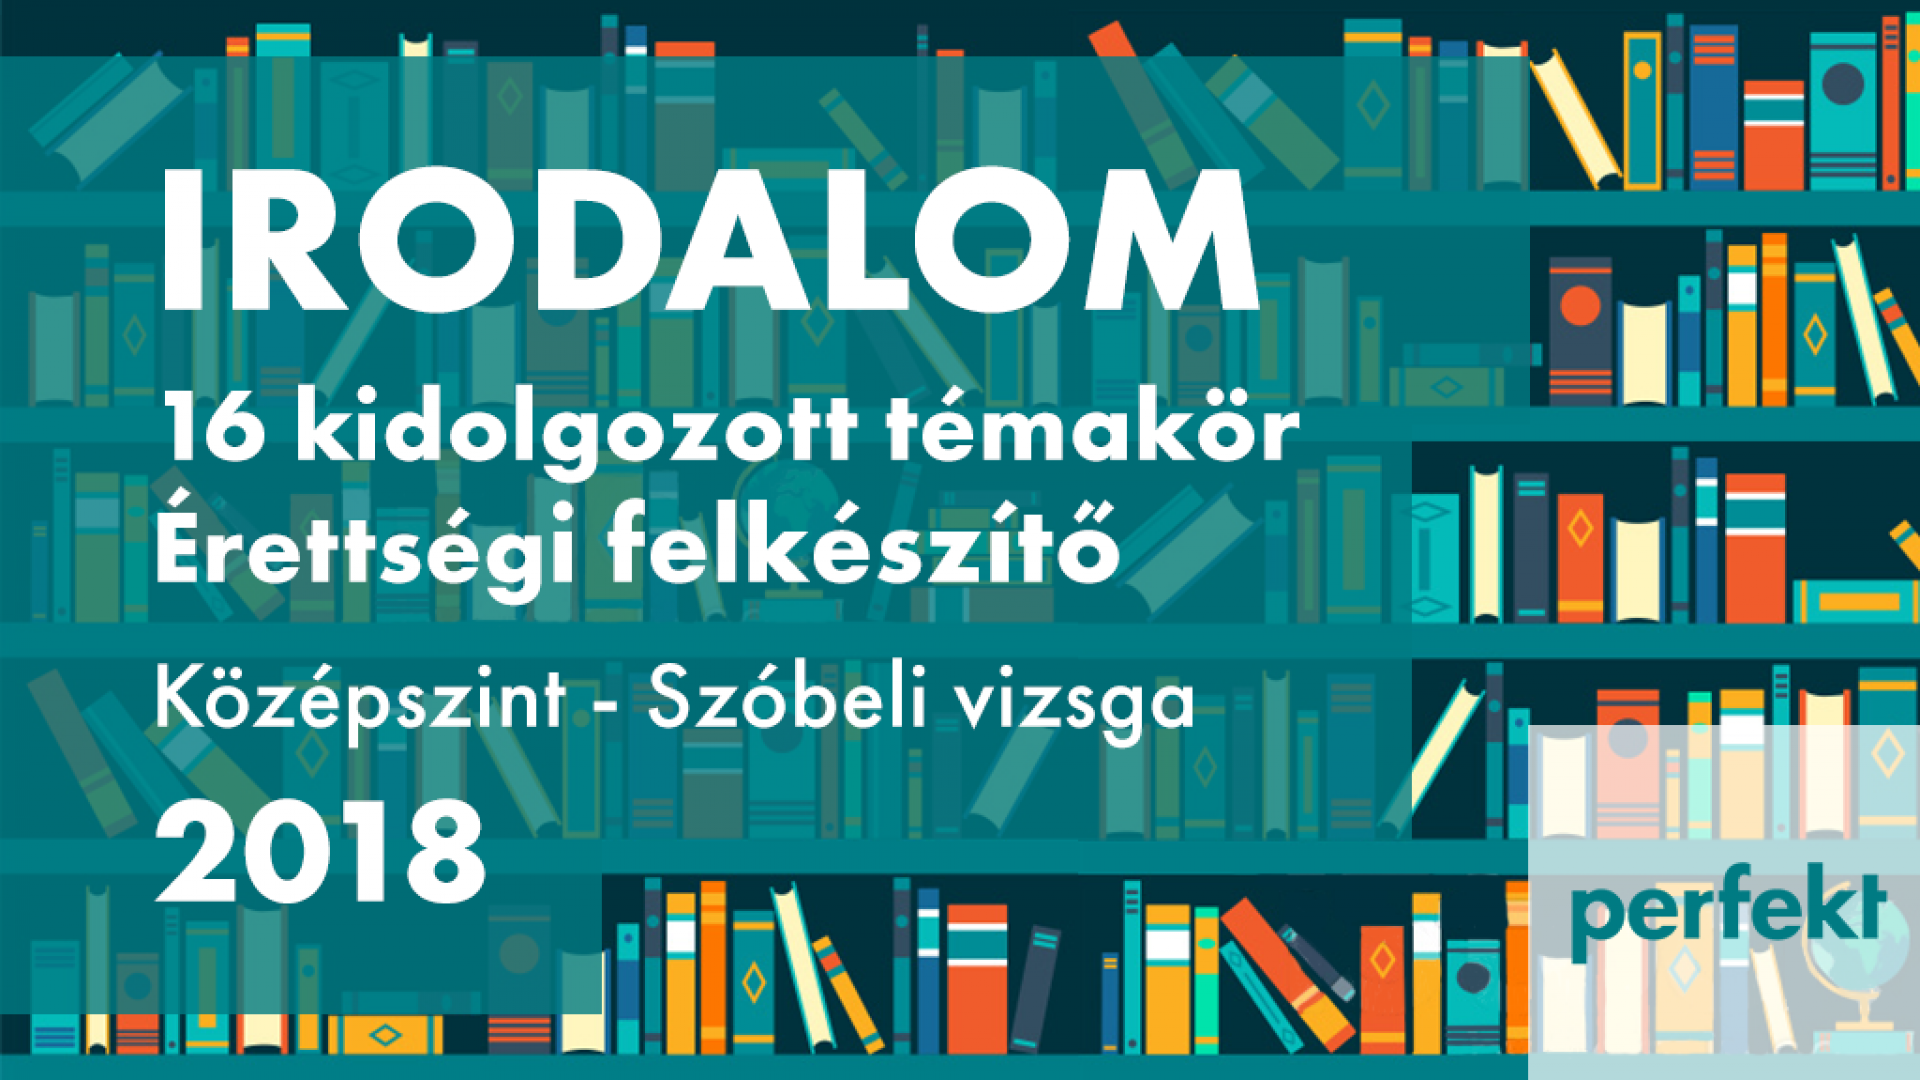 Középszintű irodalom szóbeli érettségi felkészítő 2018